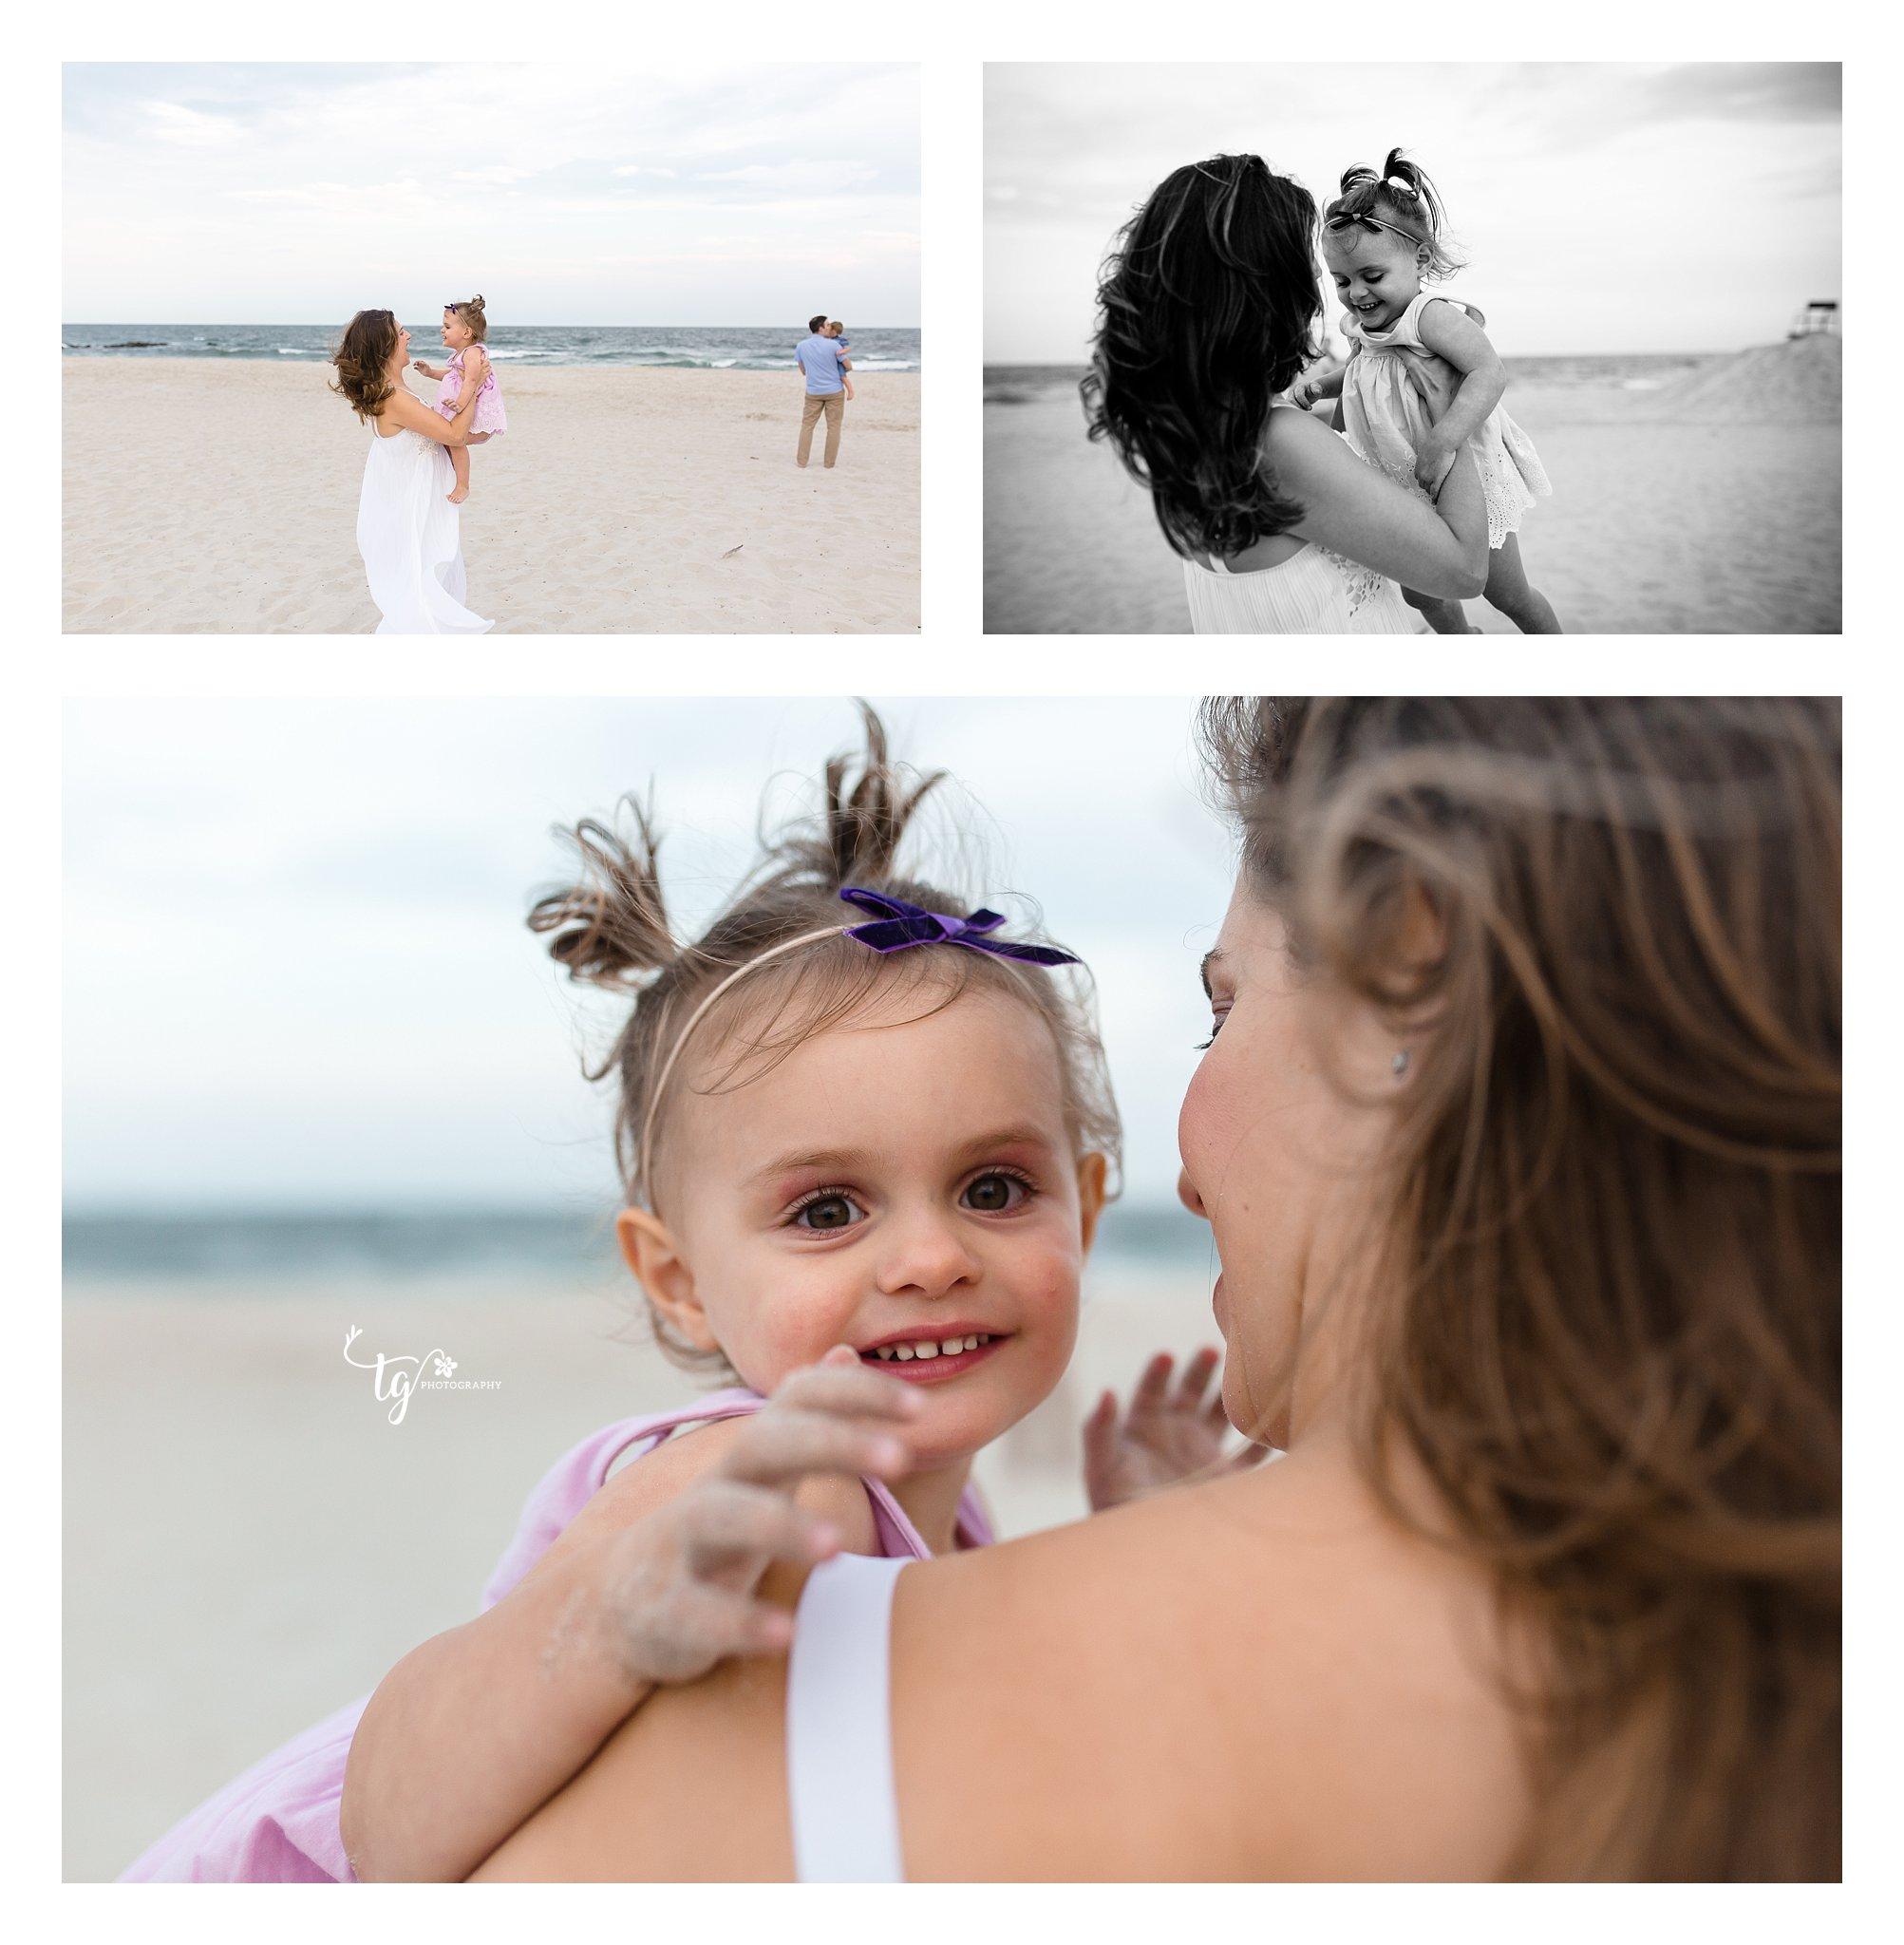 Long Island Photographer for family photos on the beach